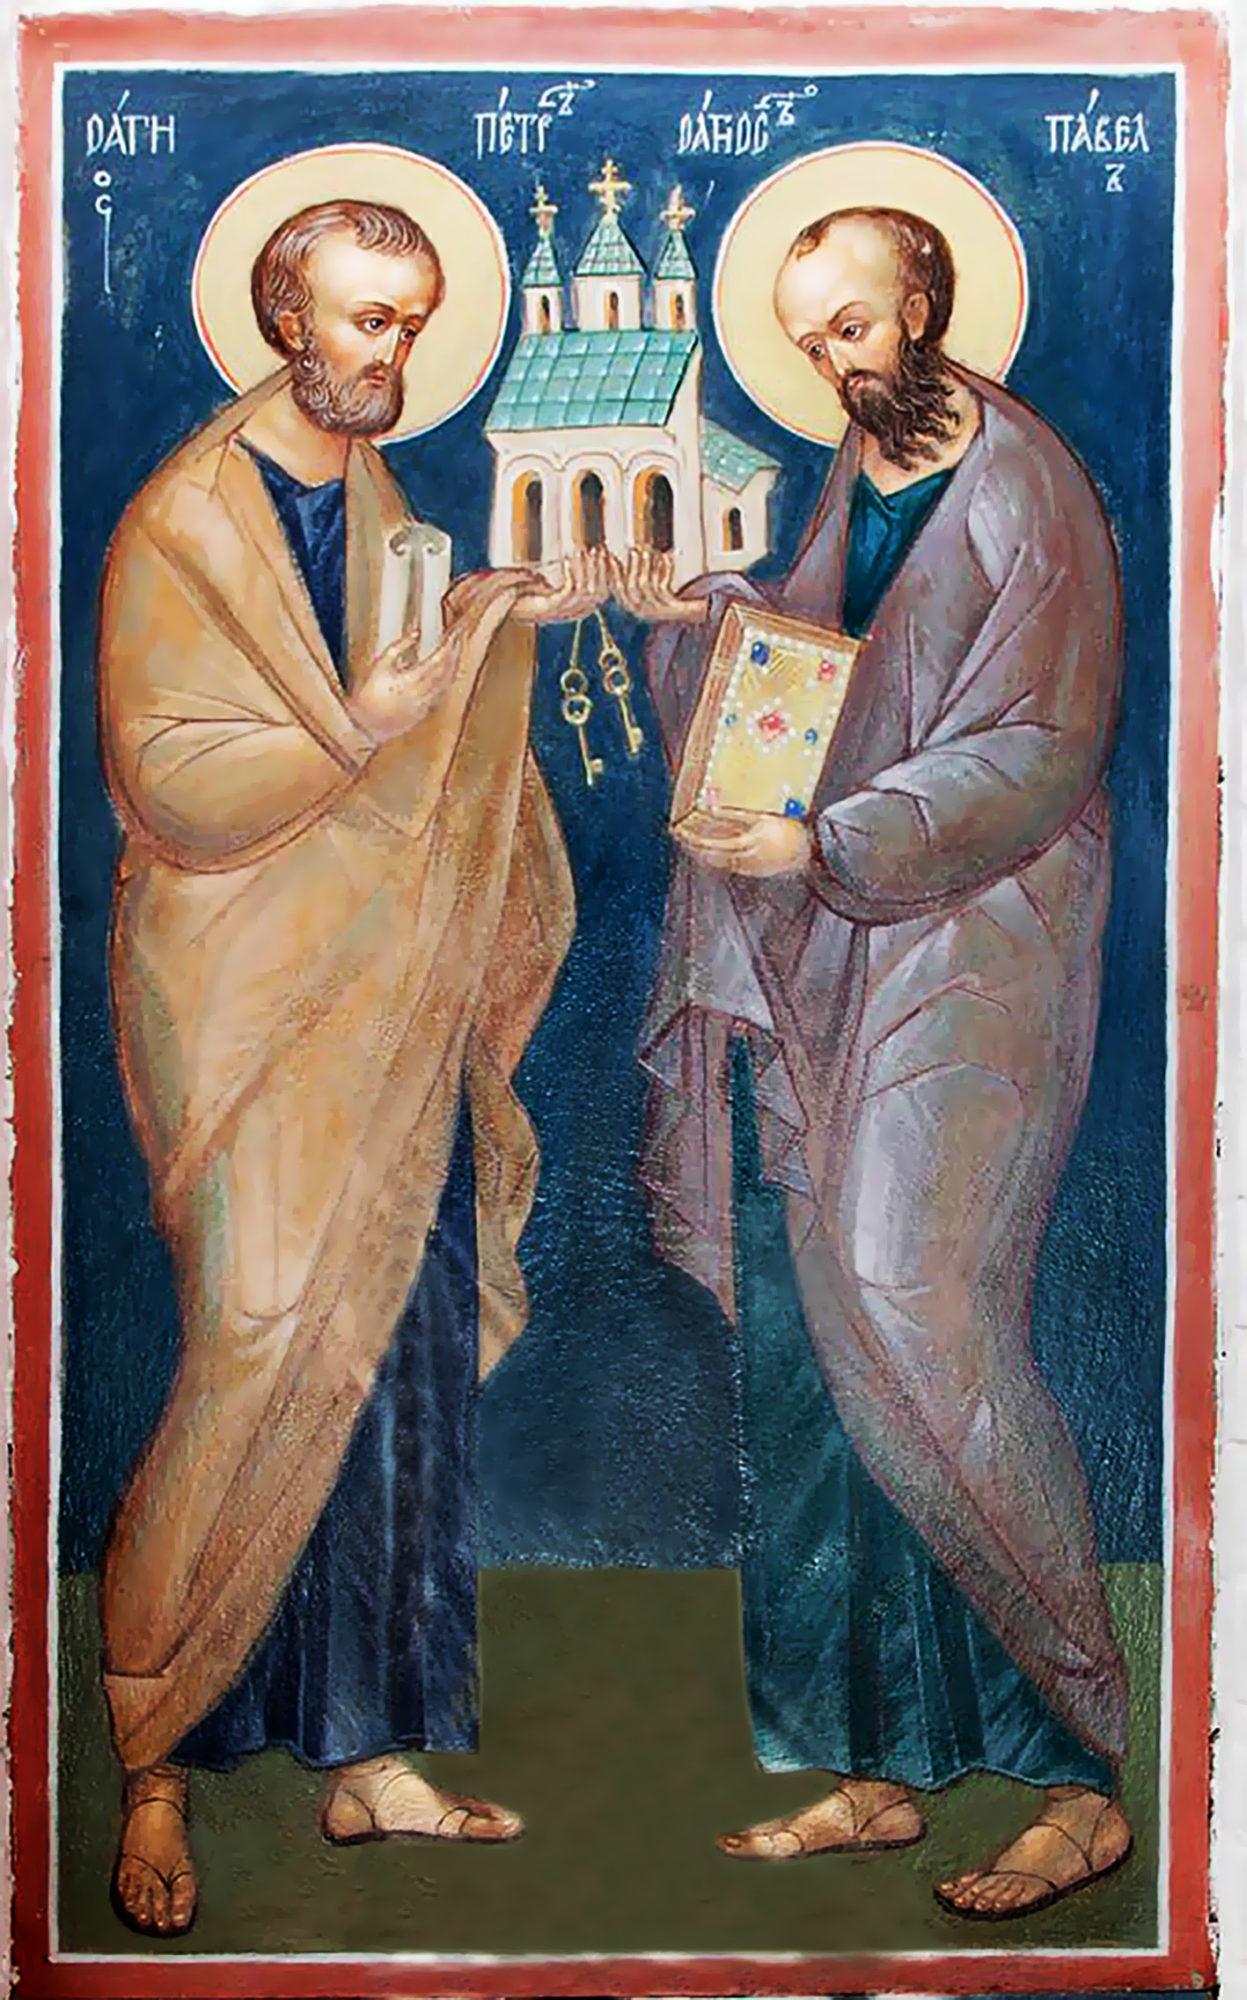 Какой сегодня праздник: 29 января 2020 года отмечается церковный праздник Петр-полукорм в России